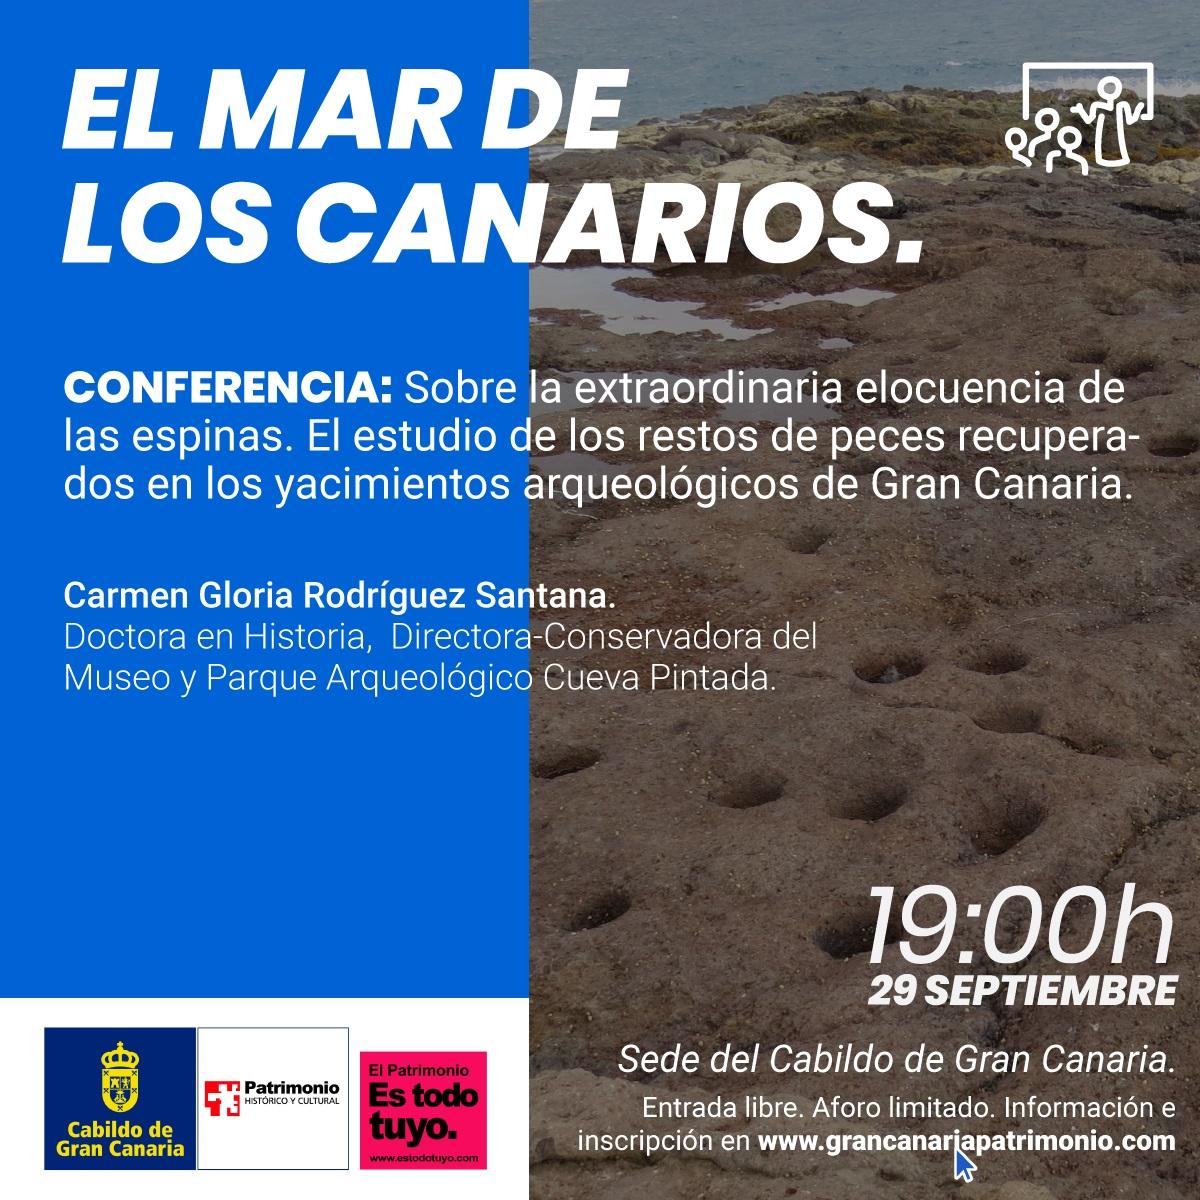 El Cabildo de Gran Canaria organiza unas jornadas para dar a conocer las investigaciones sobre los vínculos de los antiguos canarios con el mar